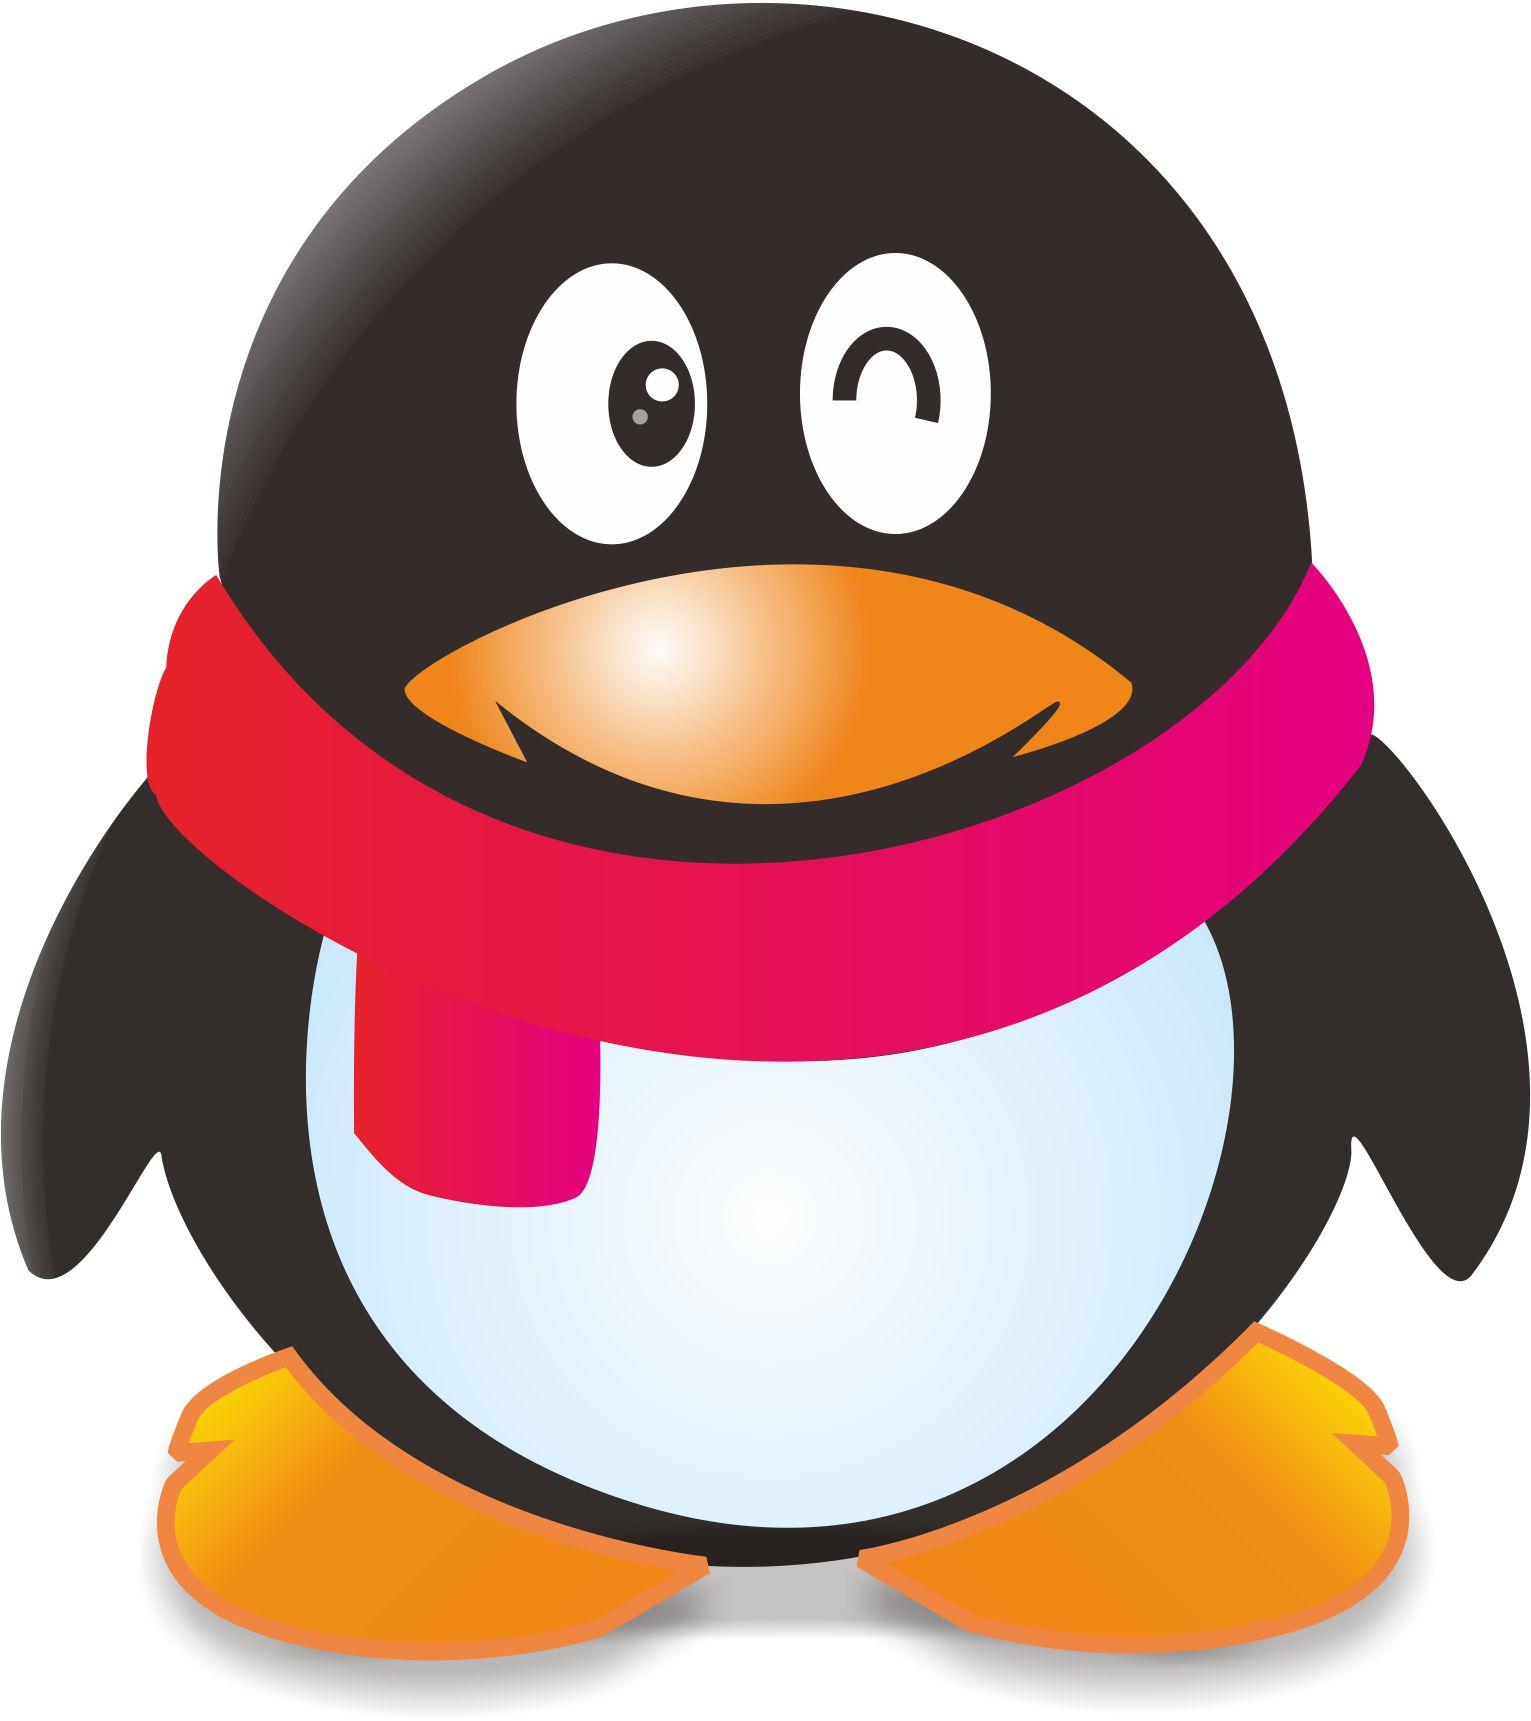 刚画的qq企鹅 嘿嘿